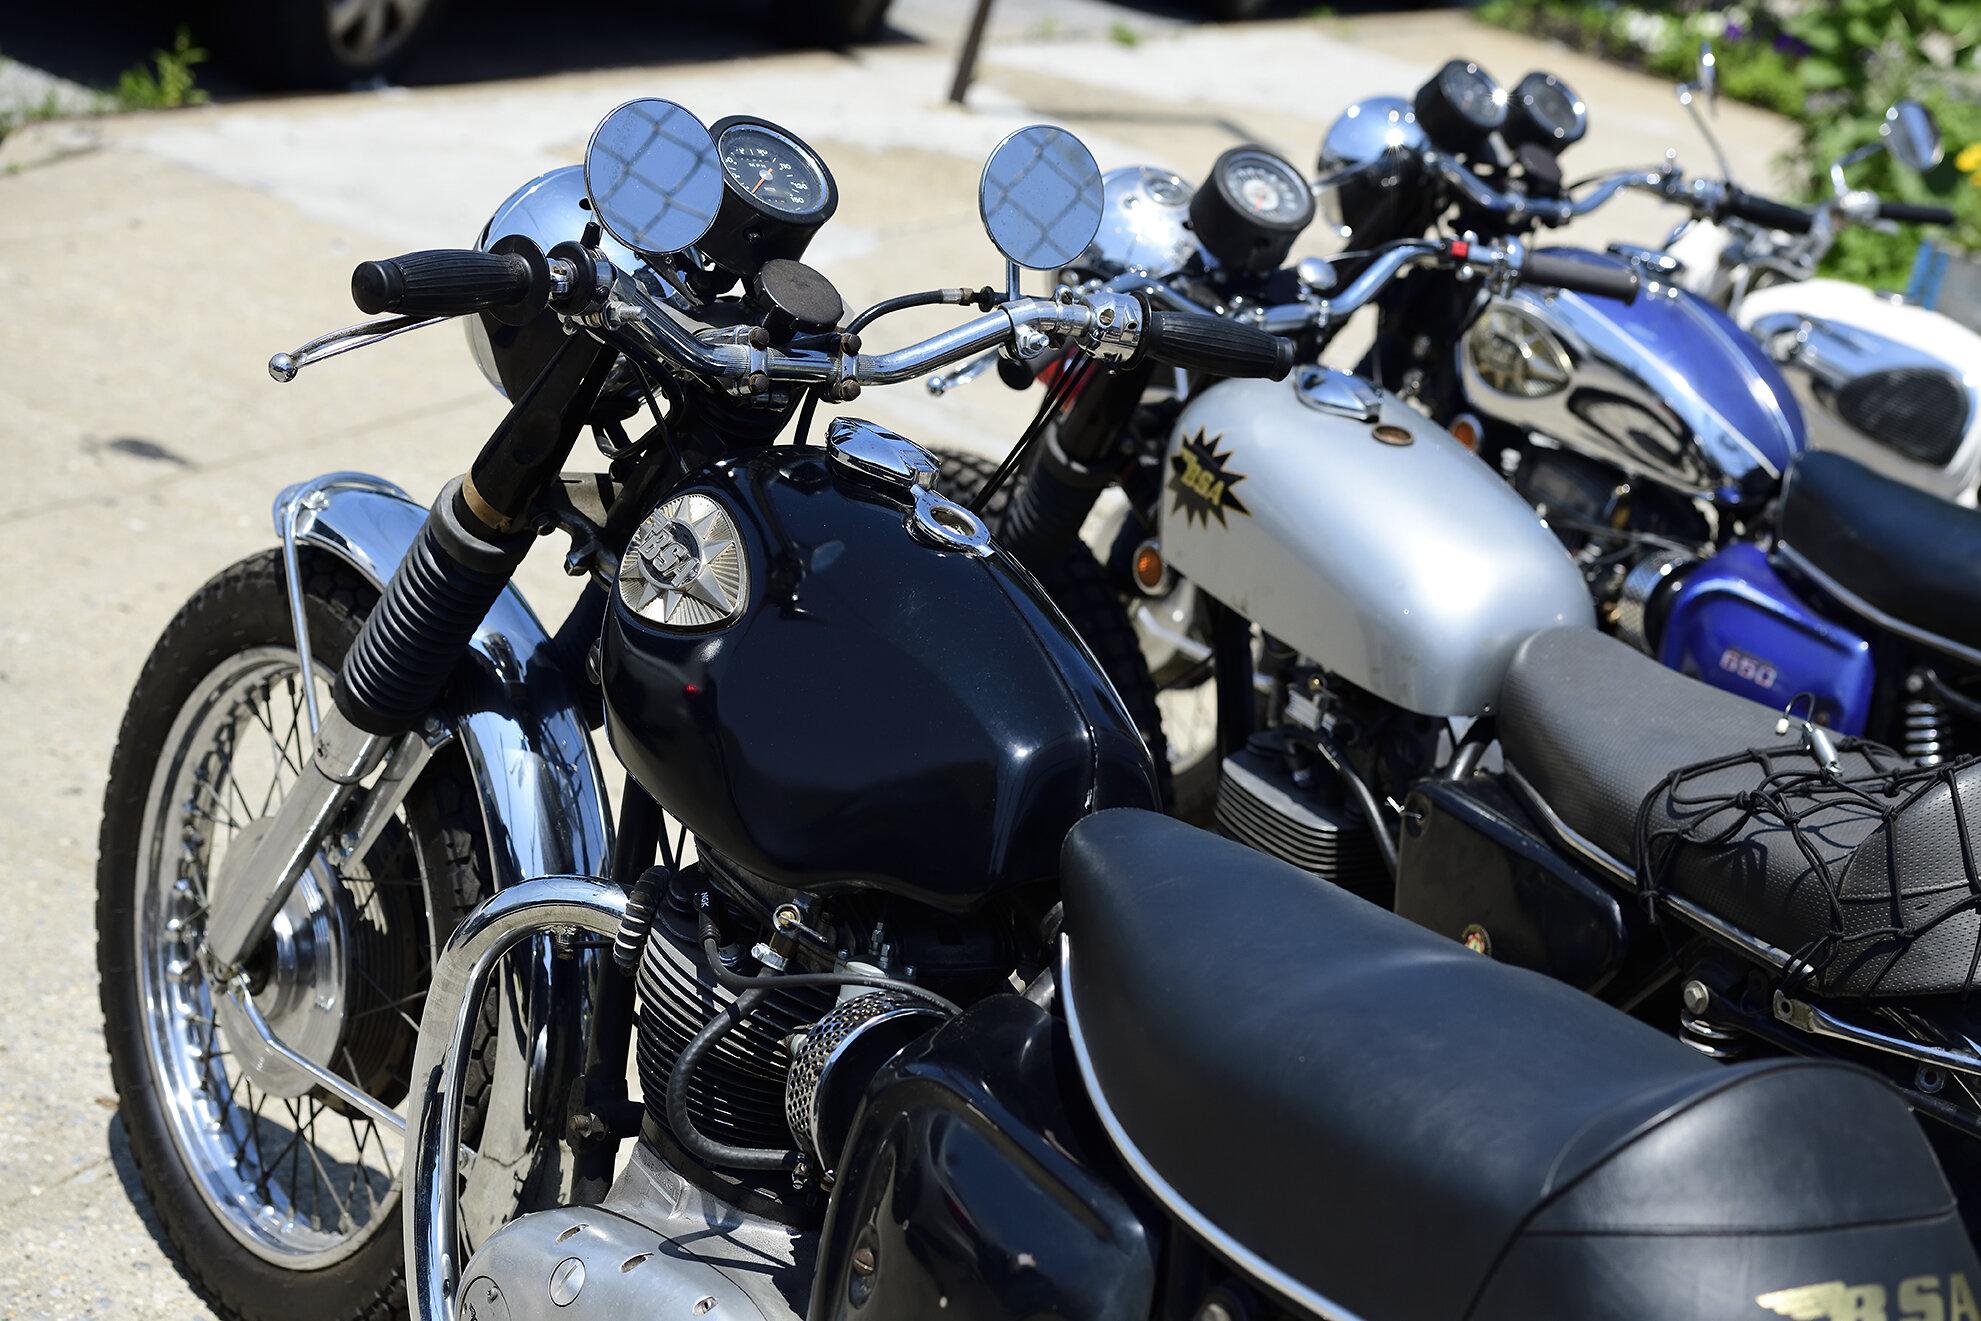 motomarket3_018.jpg